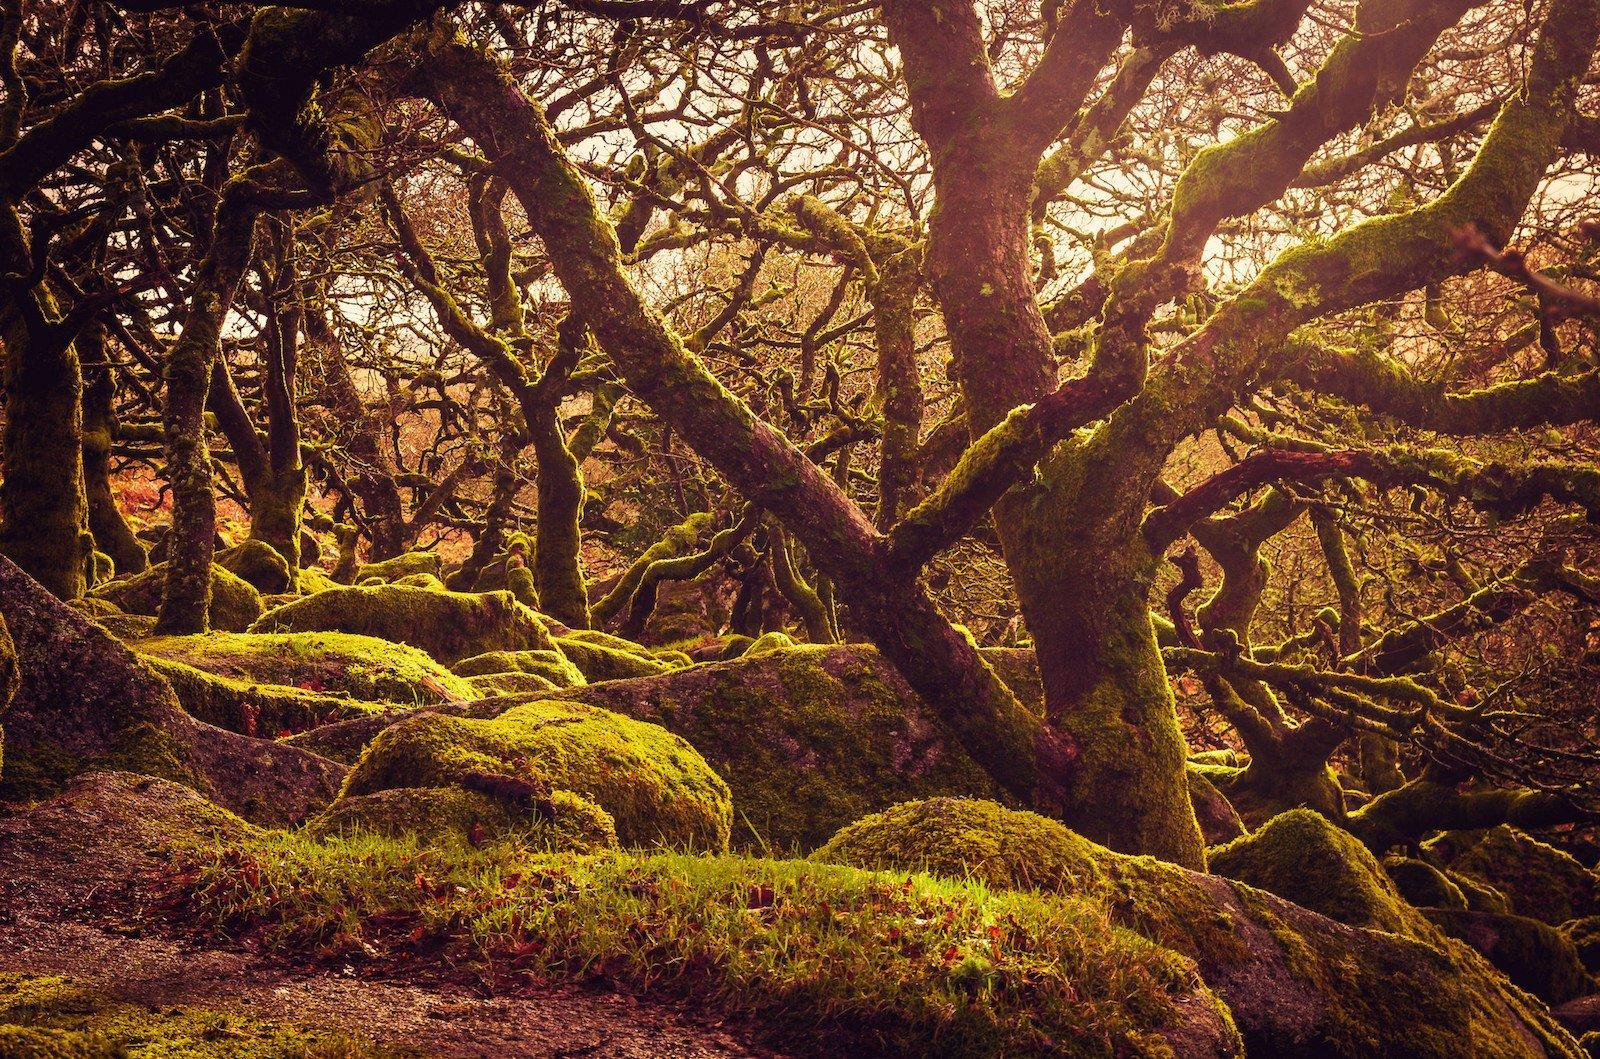 Вистманский лес, Англия красивые места, мир, природа, путешествия, сказка